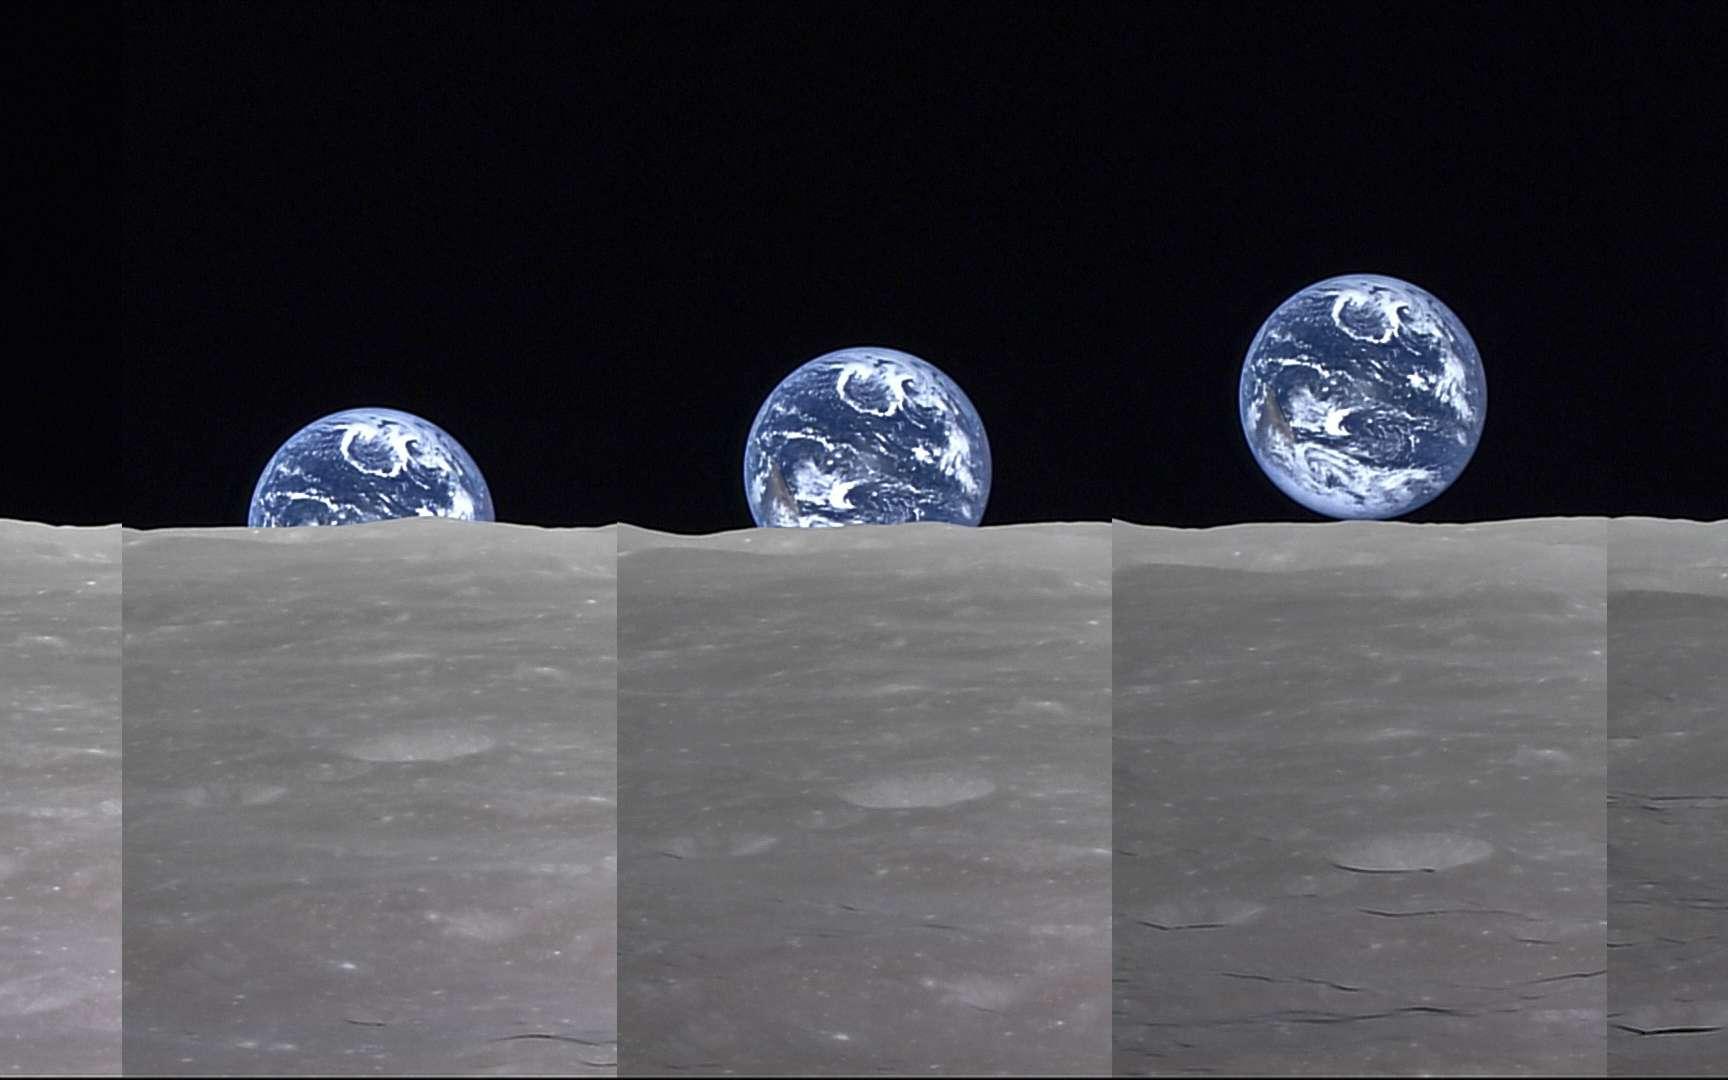 « Lever de Terre » vu depuis par la Lune par la sonde japonaise Selene, en avril 2008. © Jaxa, NHK